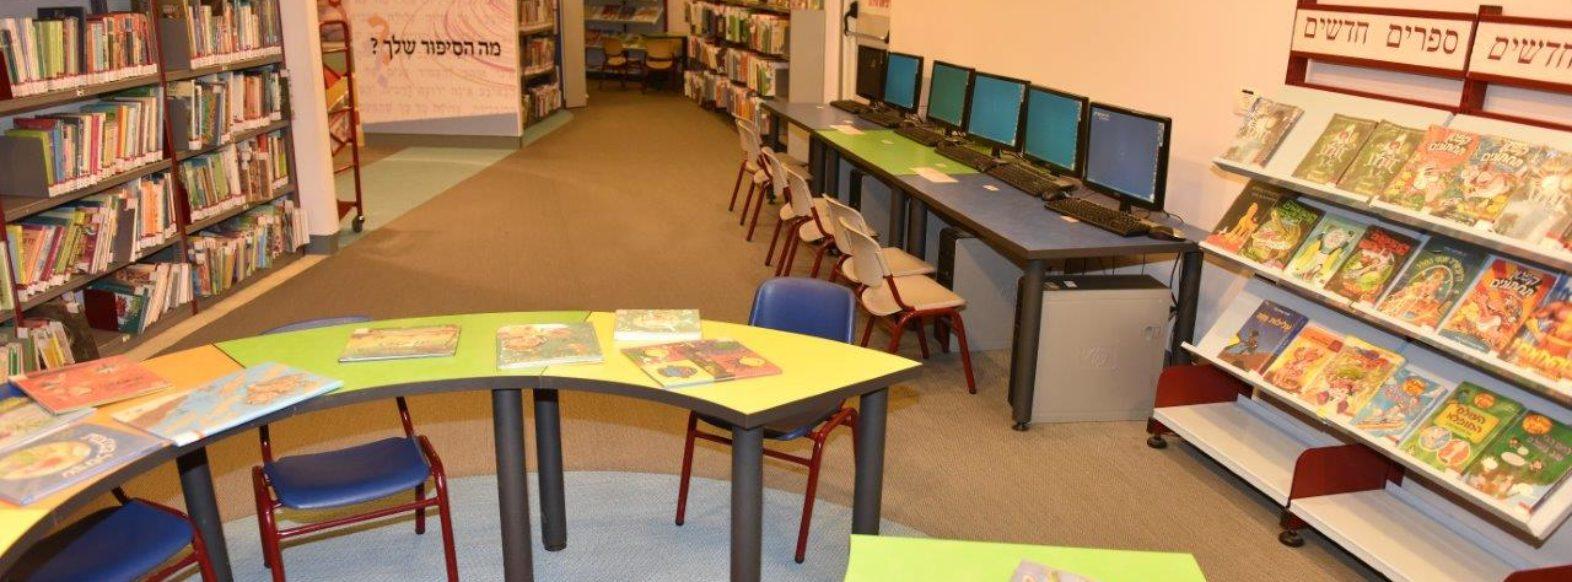 קריית אתא-פרויקט ייחודי של הספרייה העירונית לעידוד קריאה